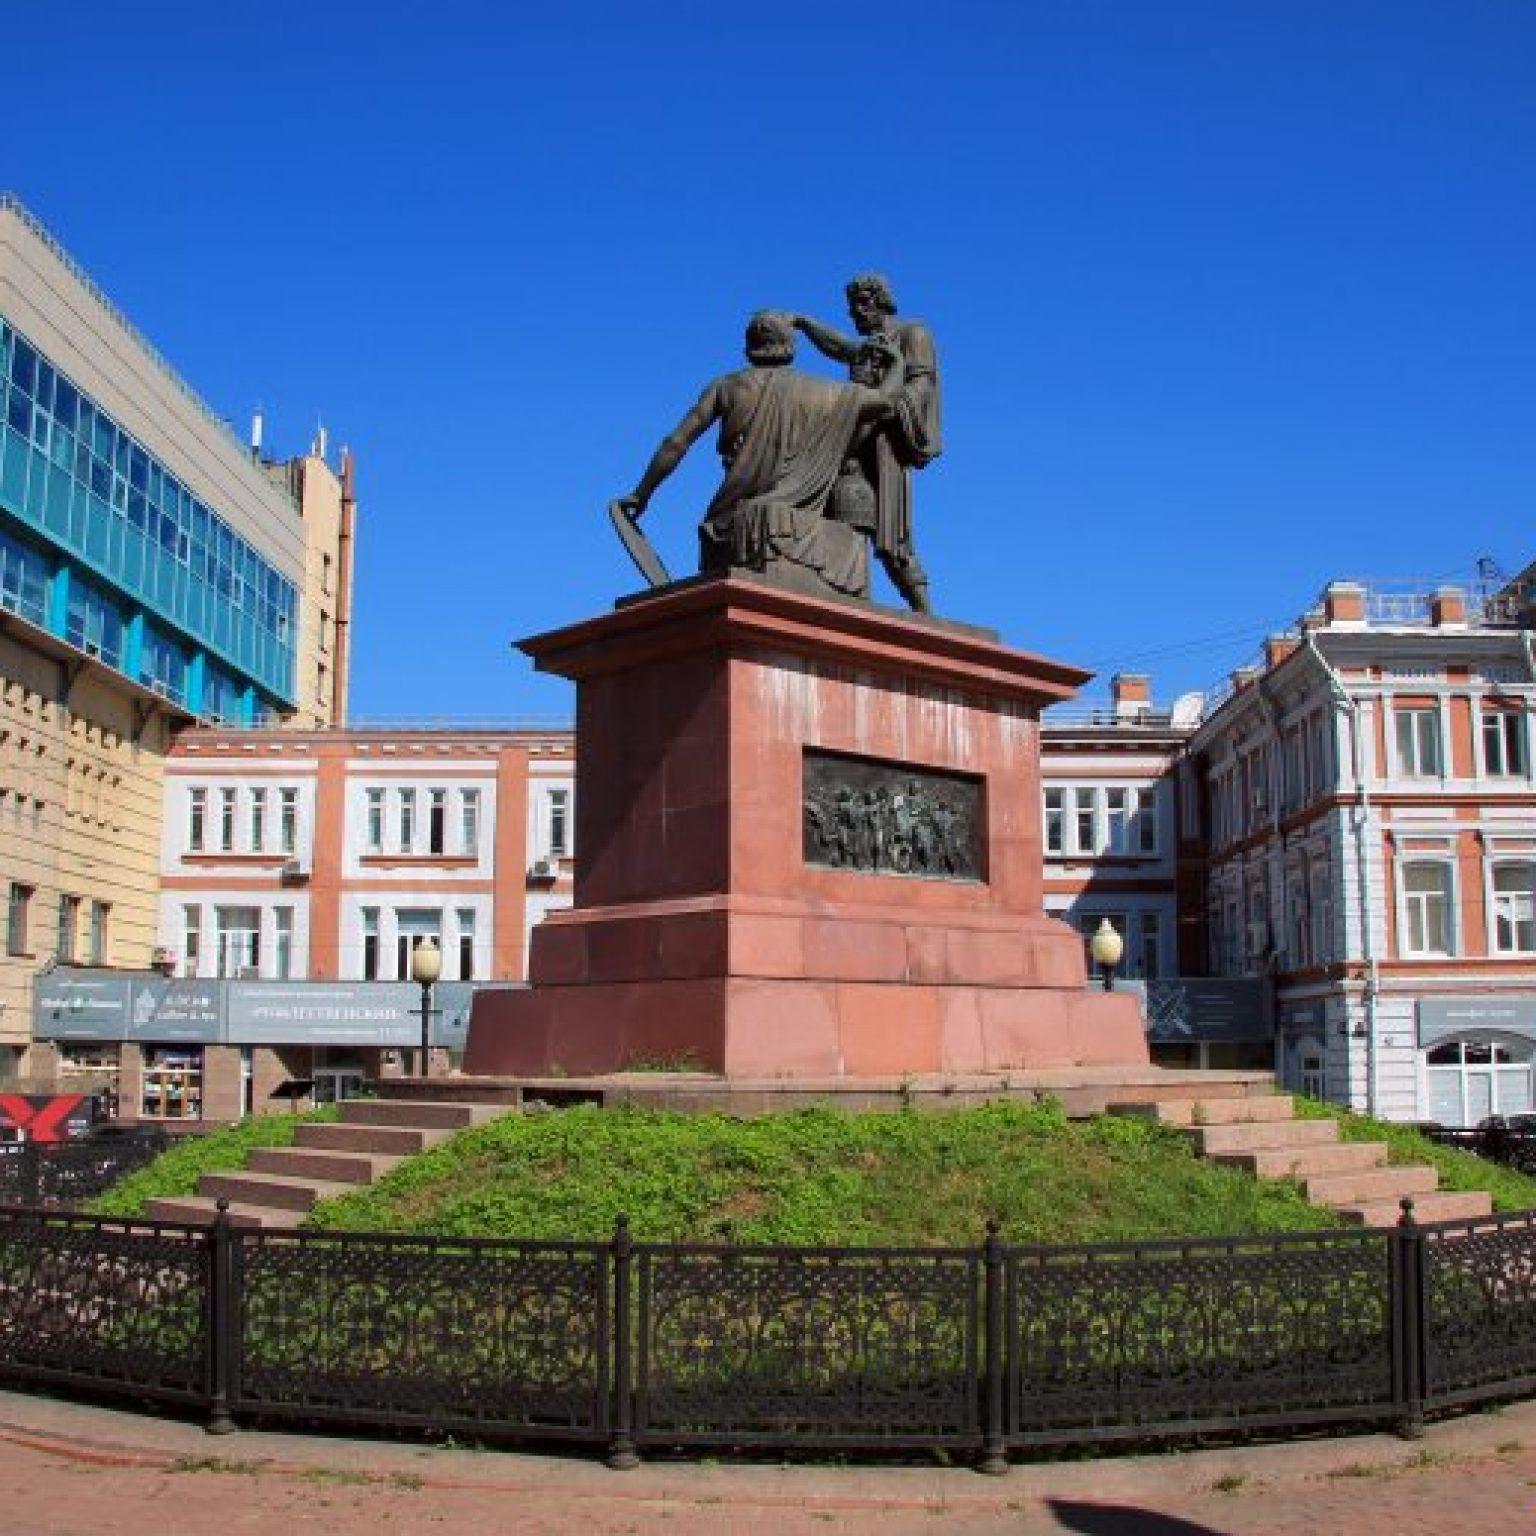 Достопримечательности Нижнего Новгорода: Памятник Минину и Пожарскому